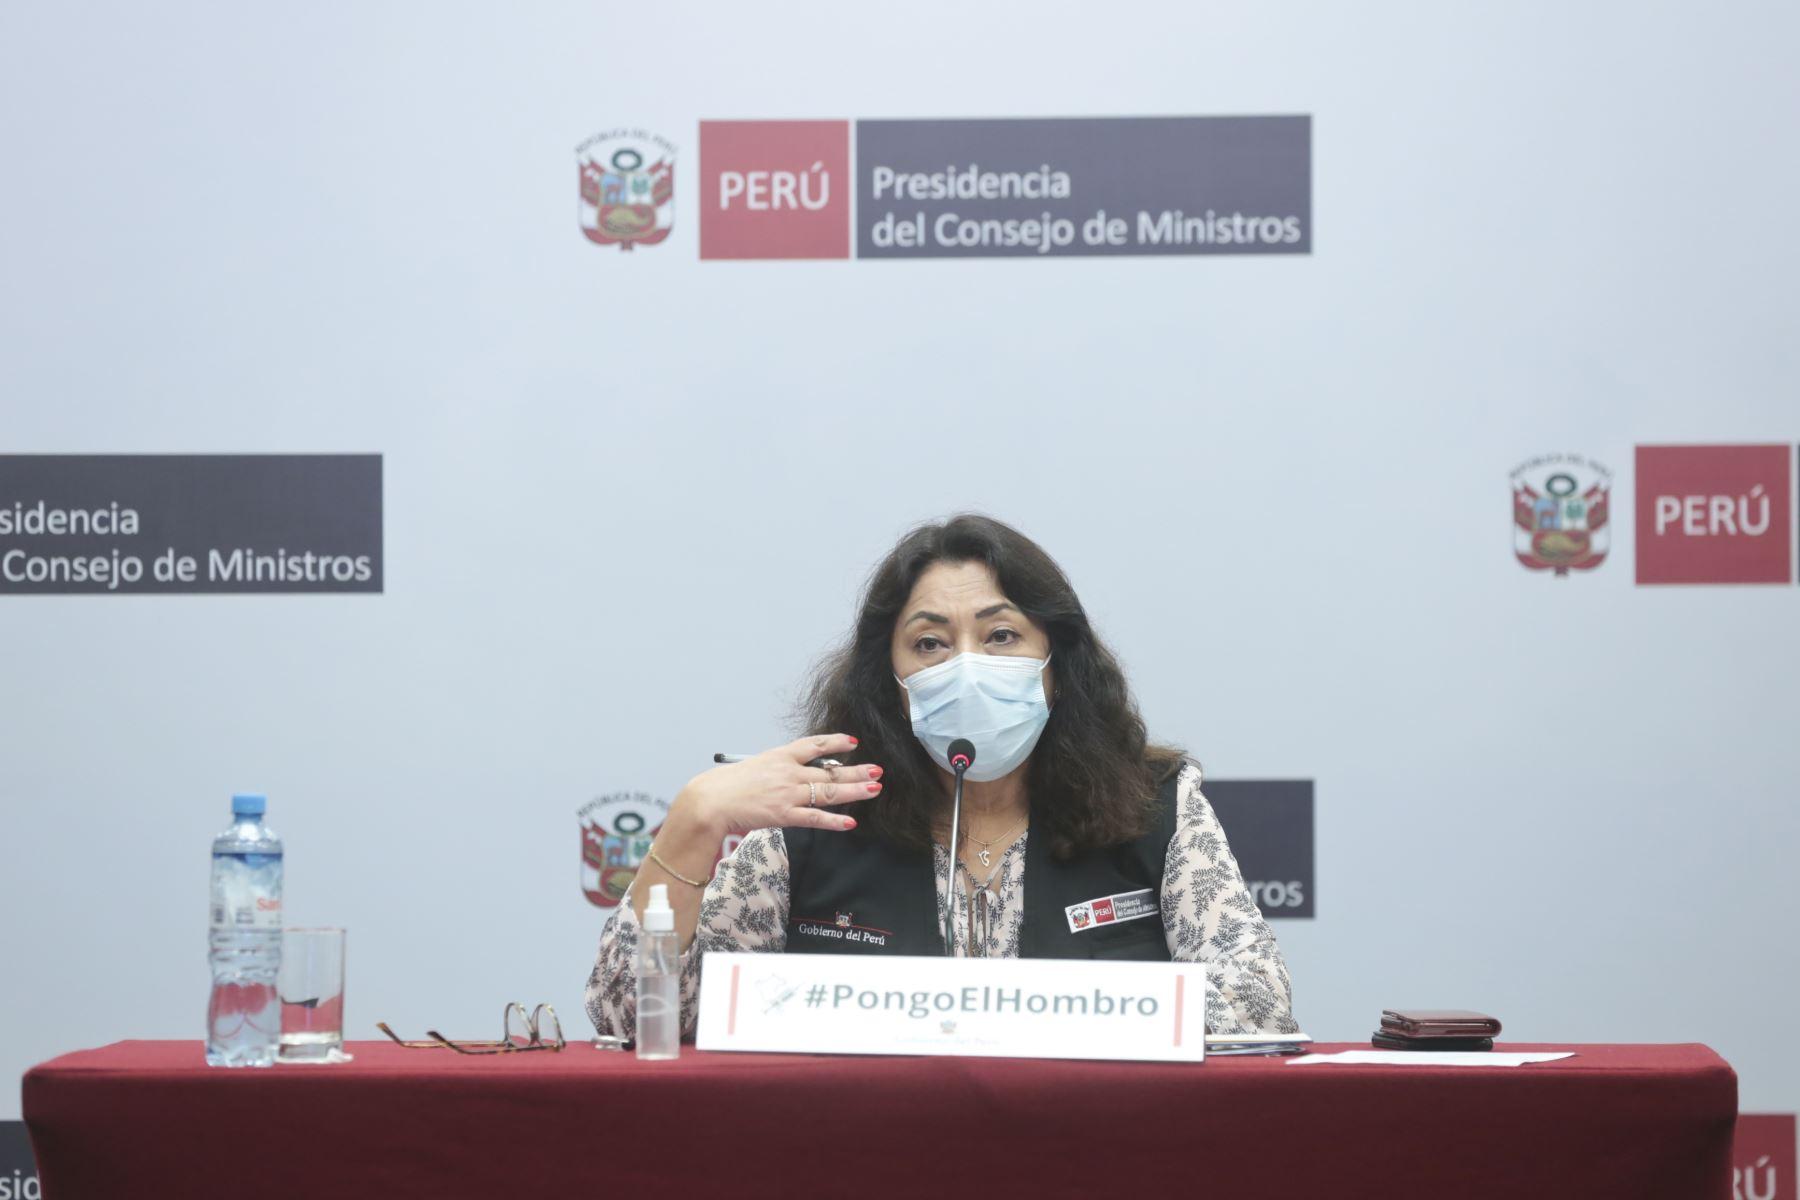 Presidenta del Consejo de Ministros, Violeta Bermúdez brinda conferencia de prensa sobre la efectividad de la vacuna de Sinopharm. Foto: PCM